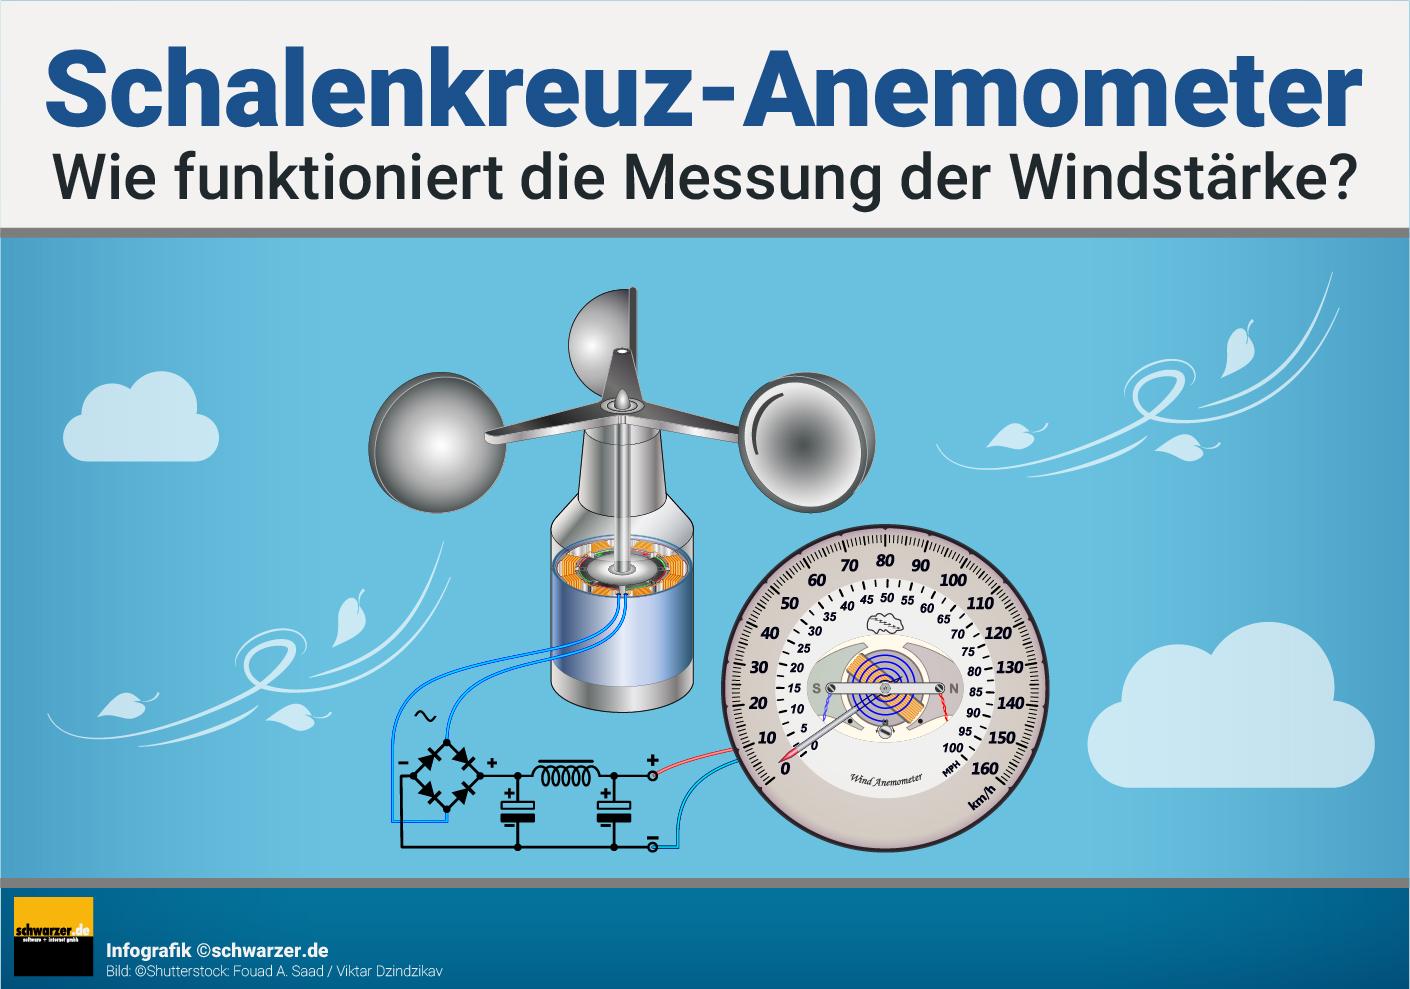 Infografik: So funktioniert die Messung der Windstärke bei einem Schalenkreuzanemometer.